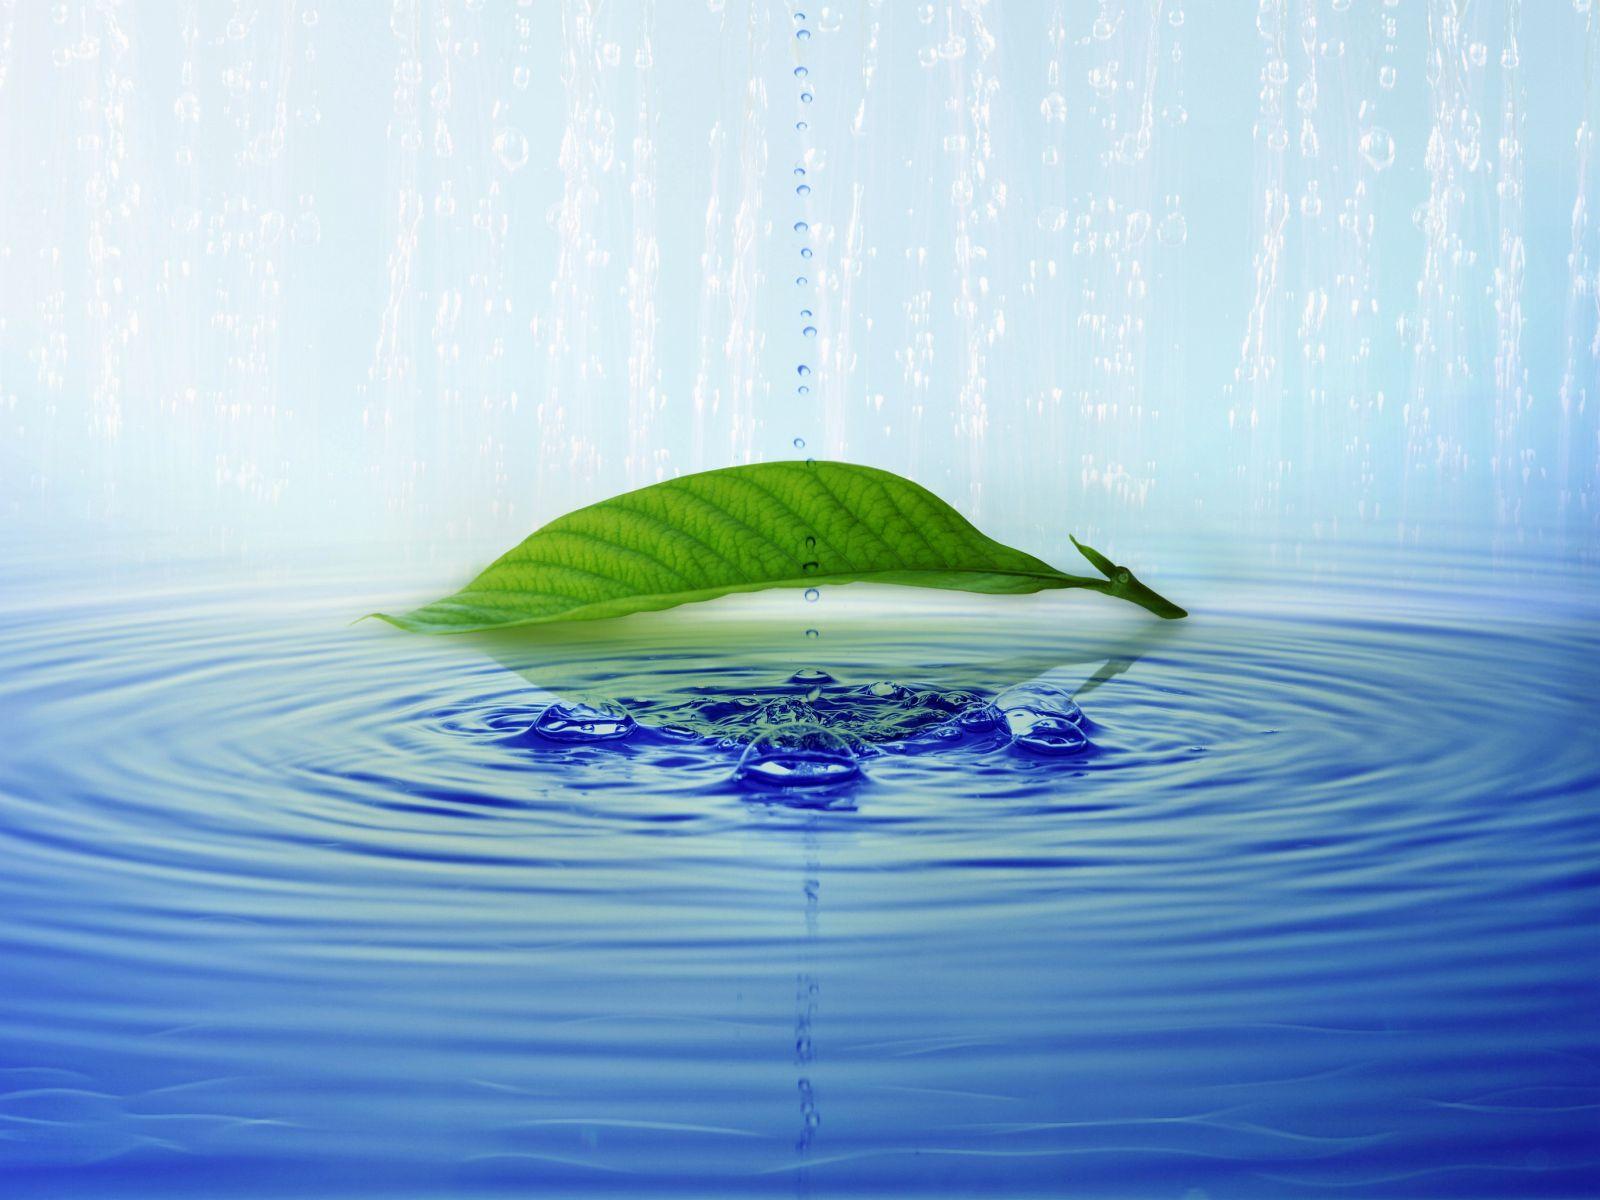 http://4.bp.blogspot.com/-uUSCK0-Jlag/TVl6aVsz0YI/AAAAAAAAAX8/3TdQvN9patE/s1600/natural-wallpaper.jpg